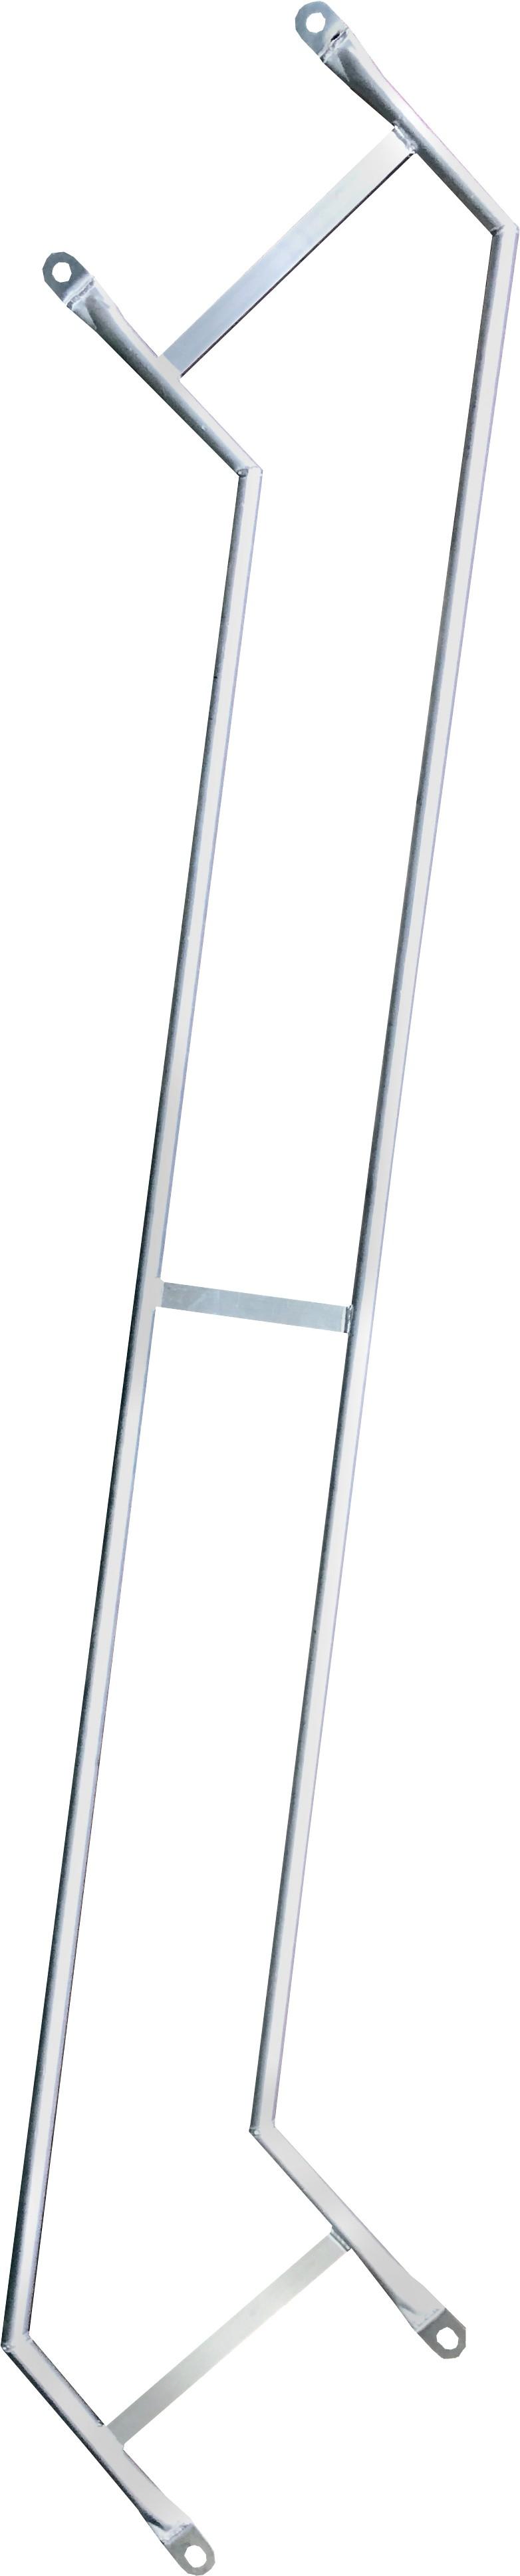 plettac distribution - Poręcz zewnętrzna aluminiowa